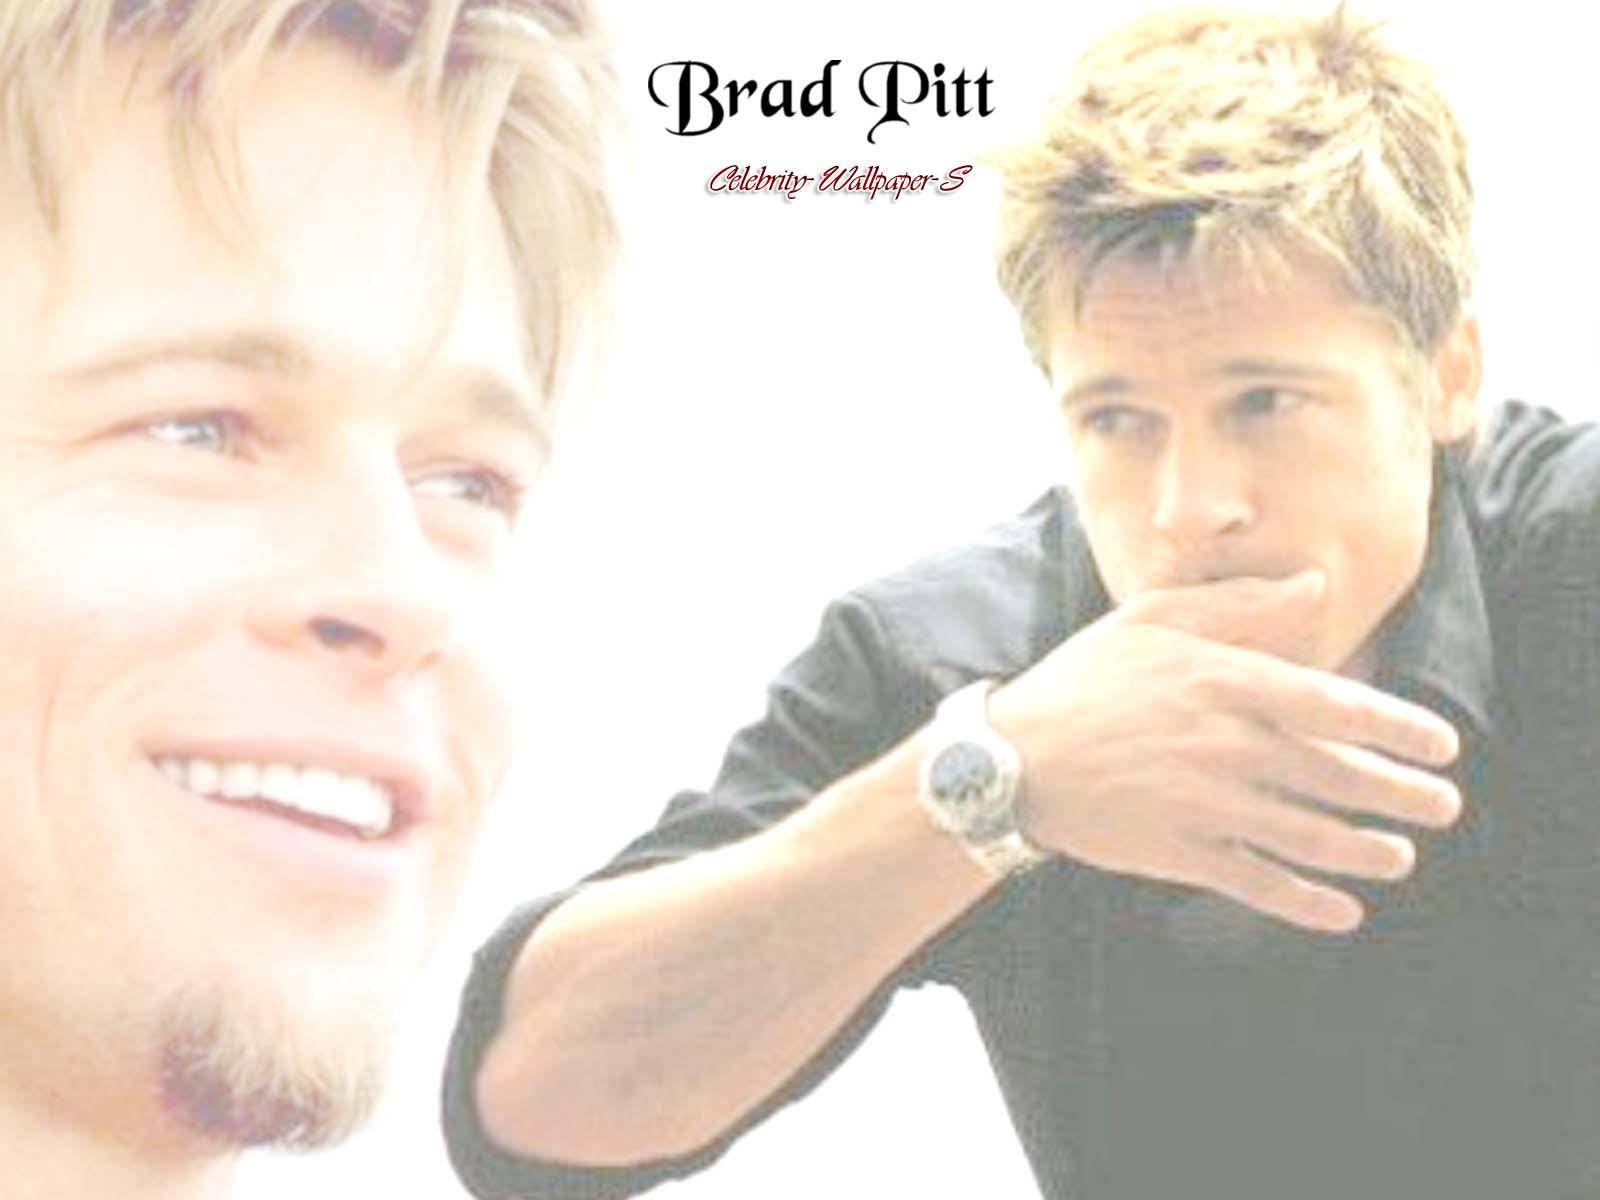 http://4.bp.blogspot.com/_zHx02JB4GE0/TSNzOQ94otI/AAAAAAAAAcQ/tS2qT2hivSc/s1600/Brad+Pitt+wallpaper+%252812%2529.jpg